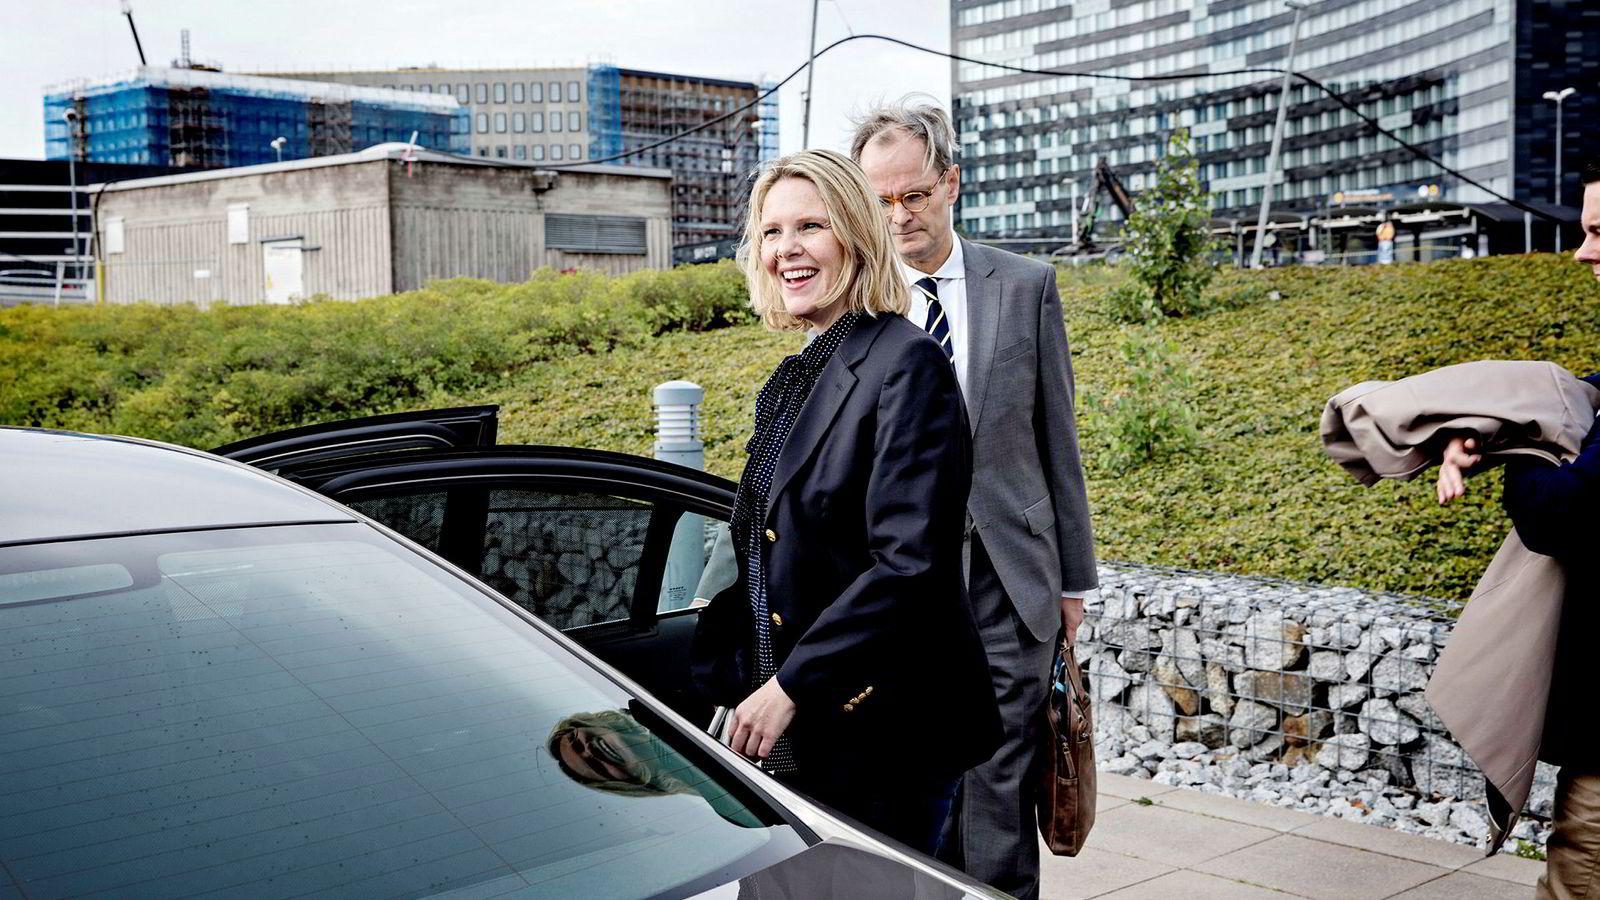 Ifølge DNs kilder skal partileder Siv Jensen ha bestemt seg for at den beste løsningen er å la Sylvi Listhaug ta over hele justisdepartementet. Bak henne på bildet er ambassadør Christian Syse.